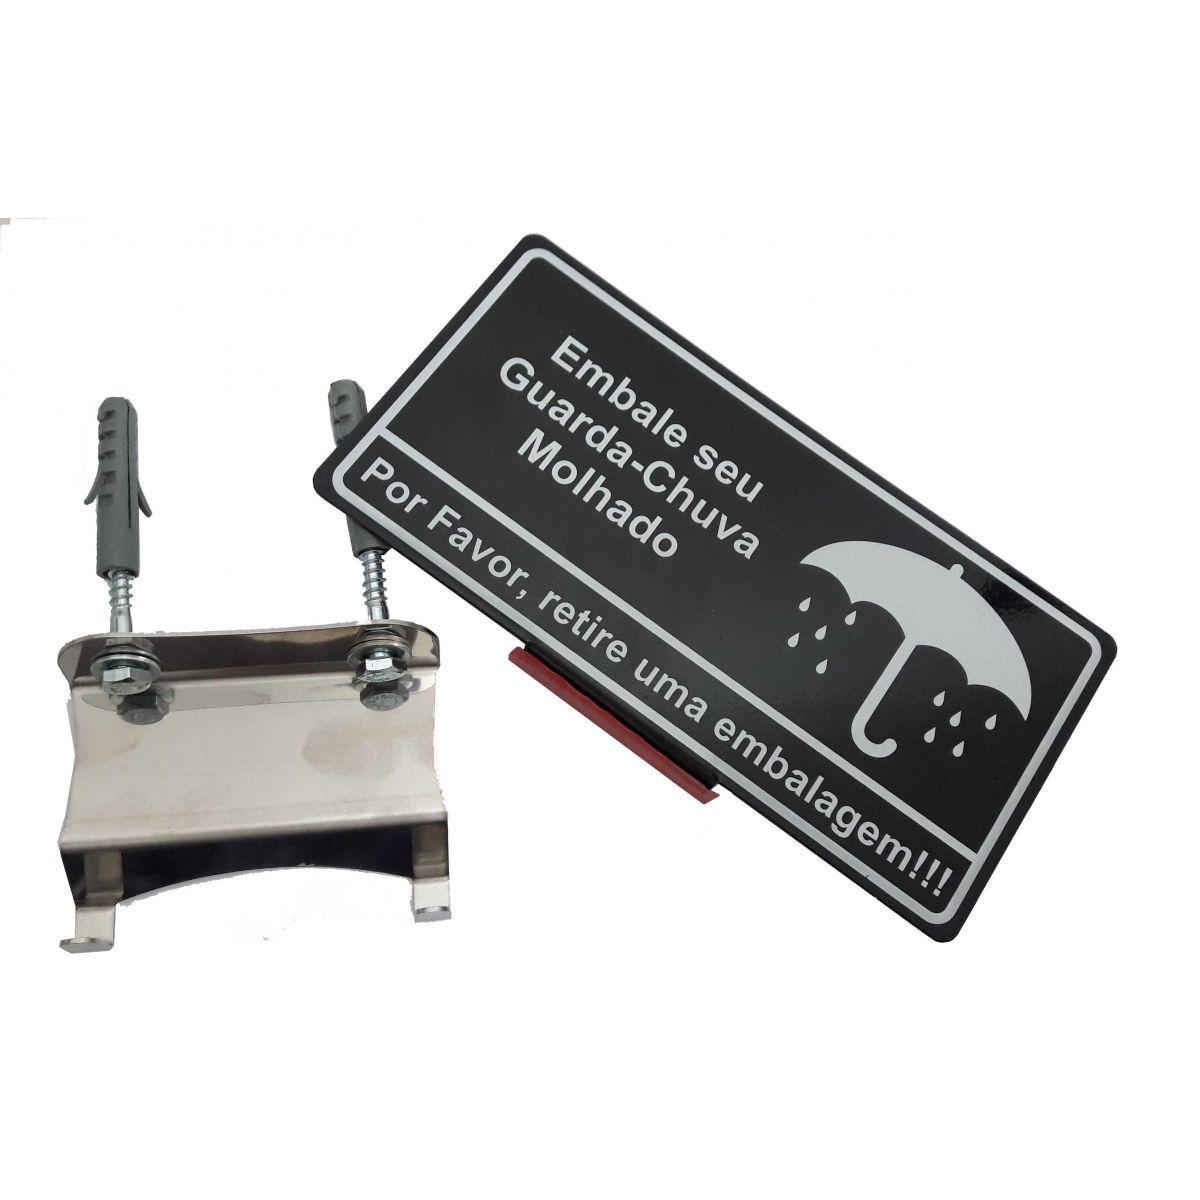 Embalador de Guarda-Chuva em Inox p/ Parede Slim